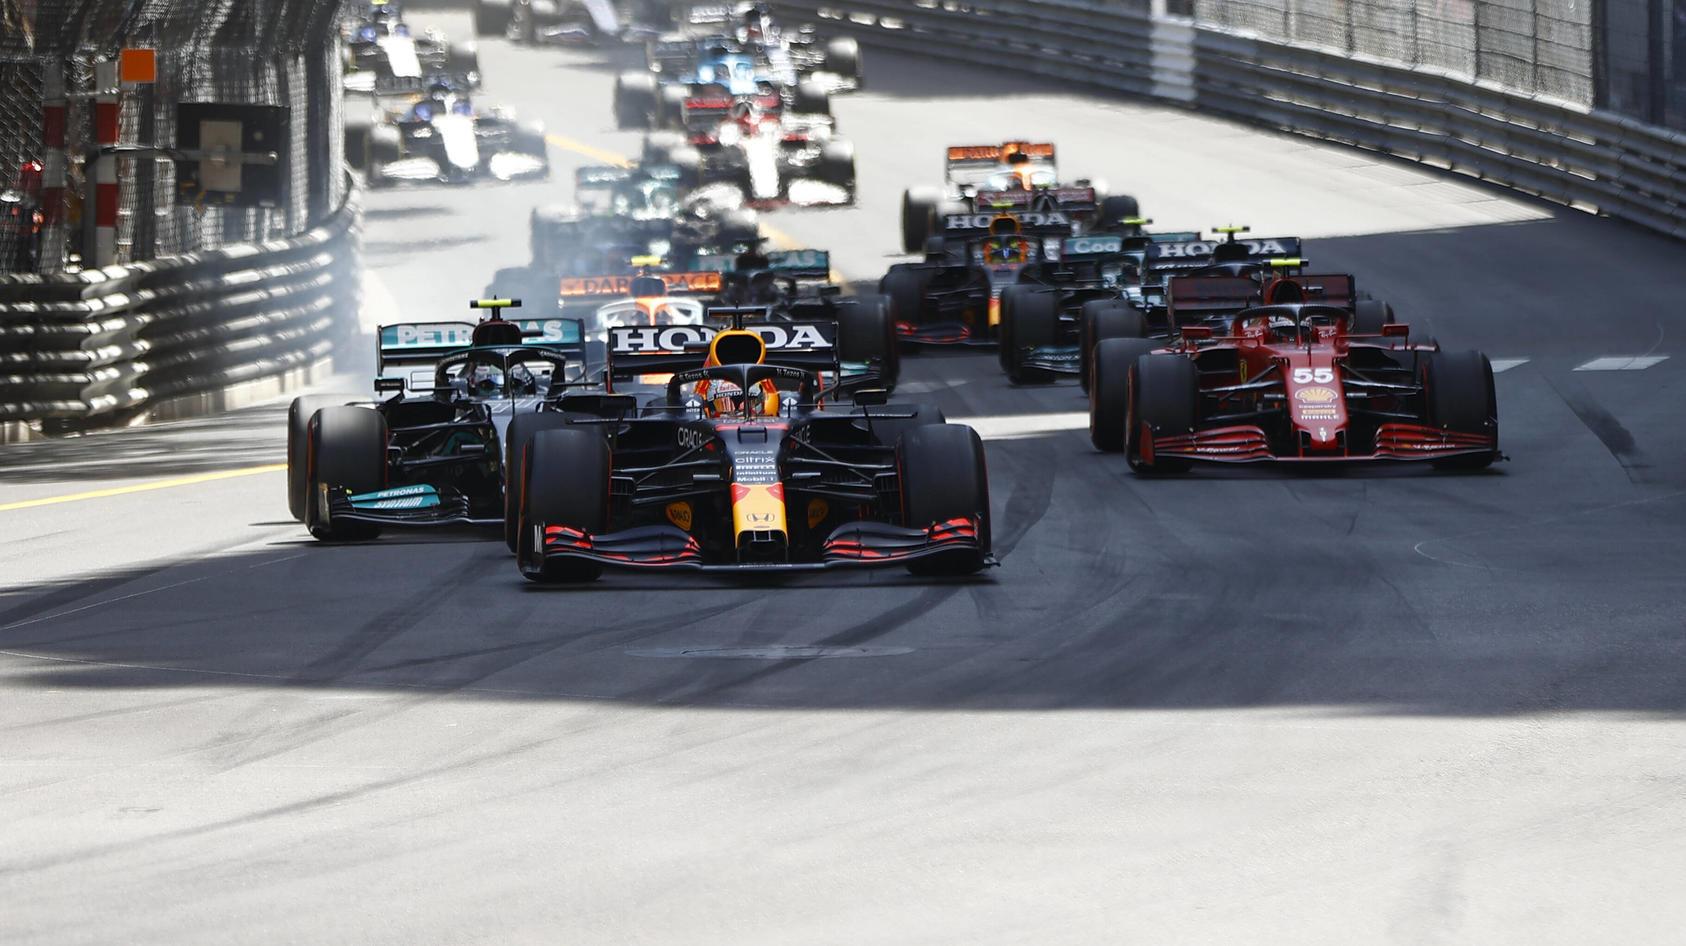 Die Entscheidung beim Monaco-GP: Max Verstappen gewinnt den Start und später auch das Rennen.